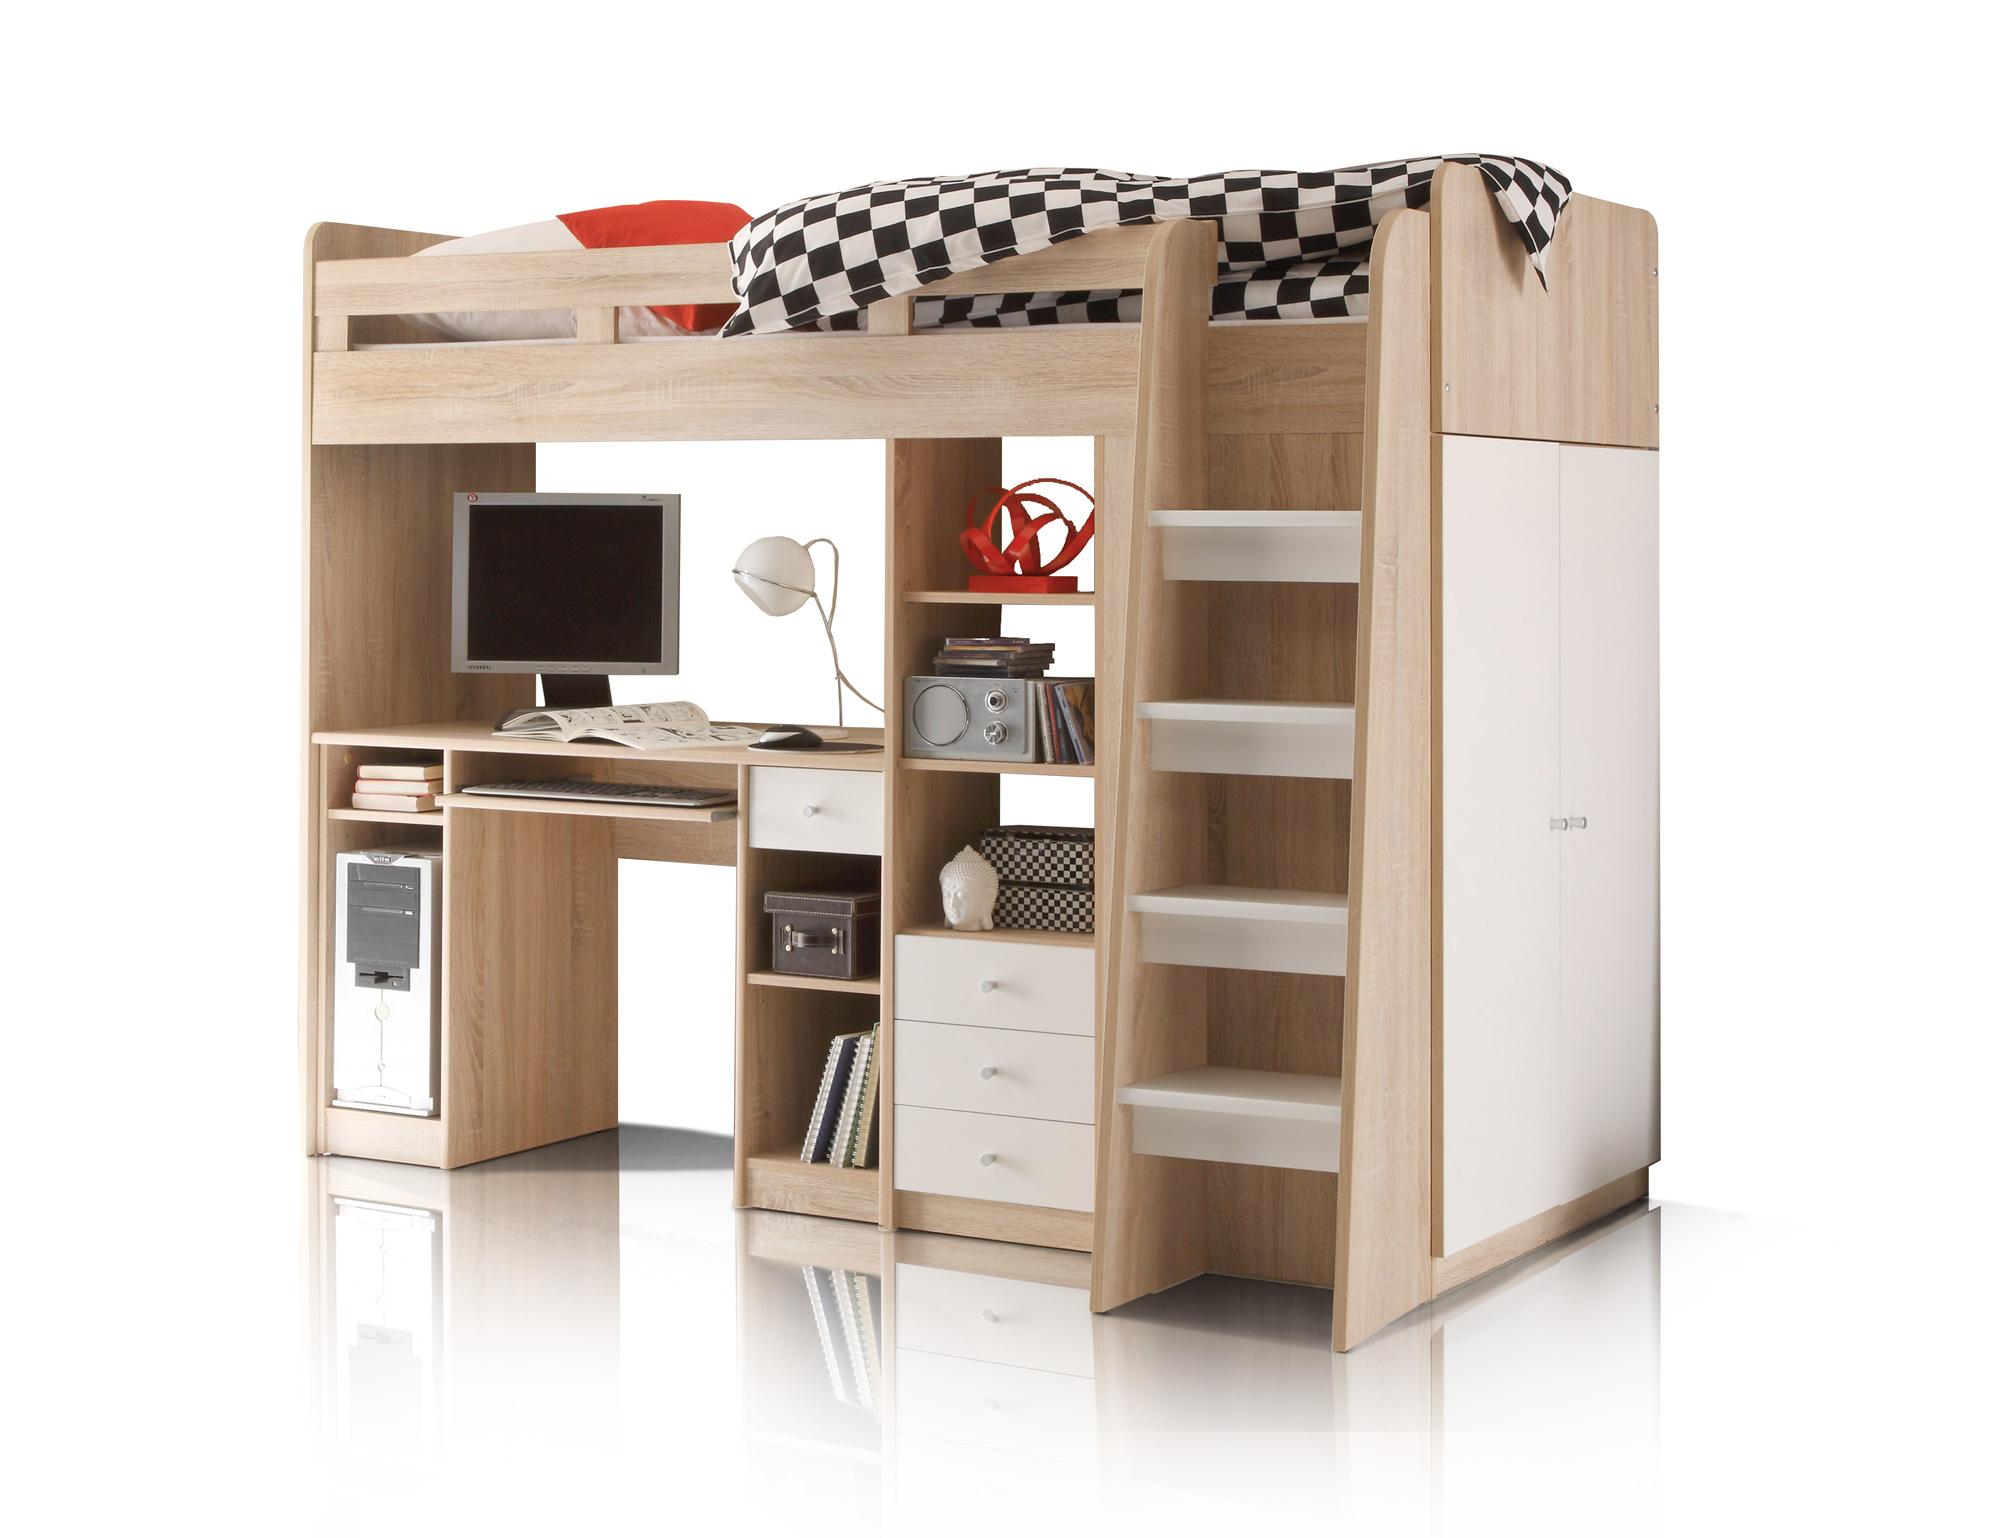 Etagenbetten Günstig : Spielbetten und etagenbetten für kinder etagenbett mit zubehör